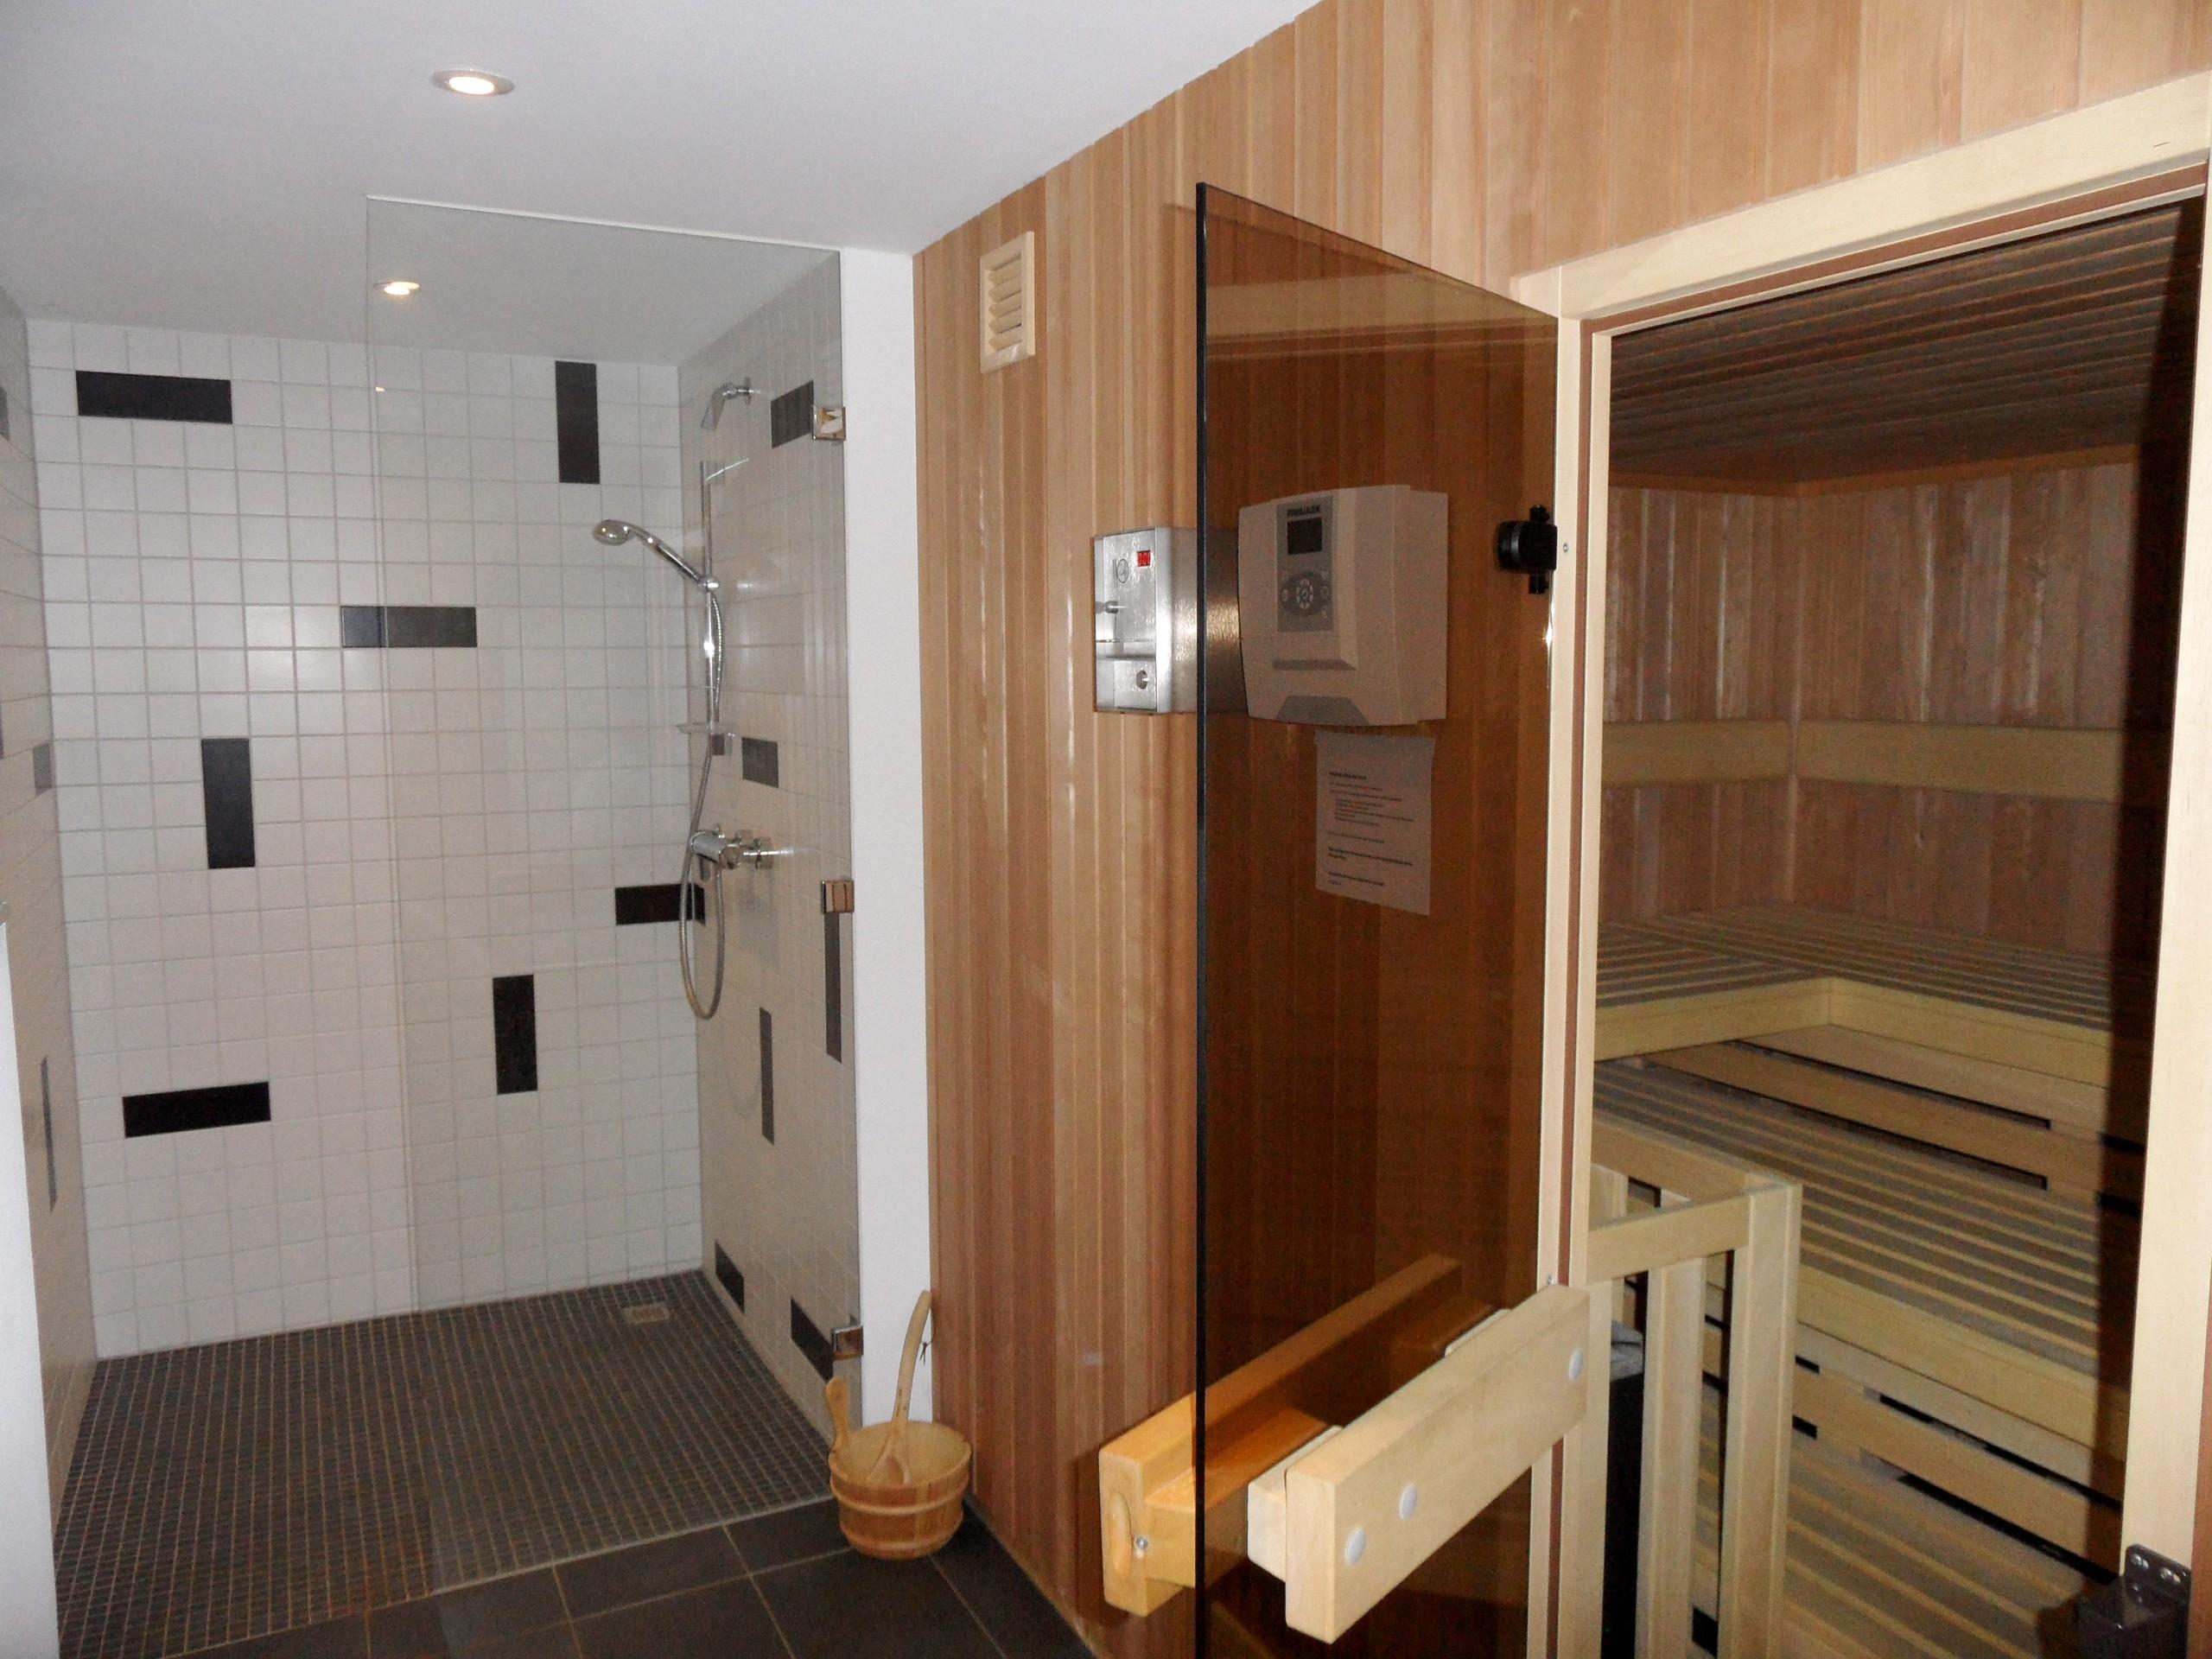 Gemeinschaftssaunabereich inkl. Dusche